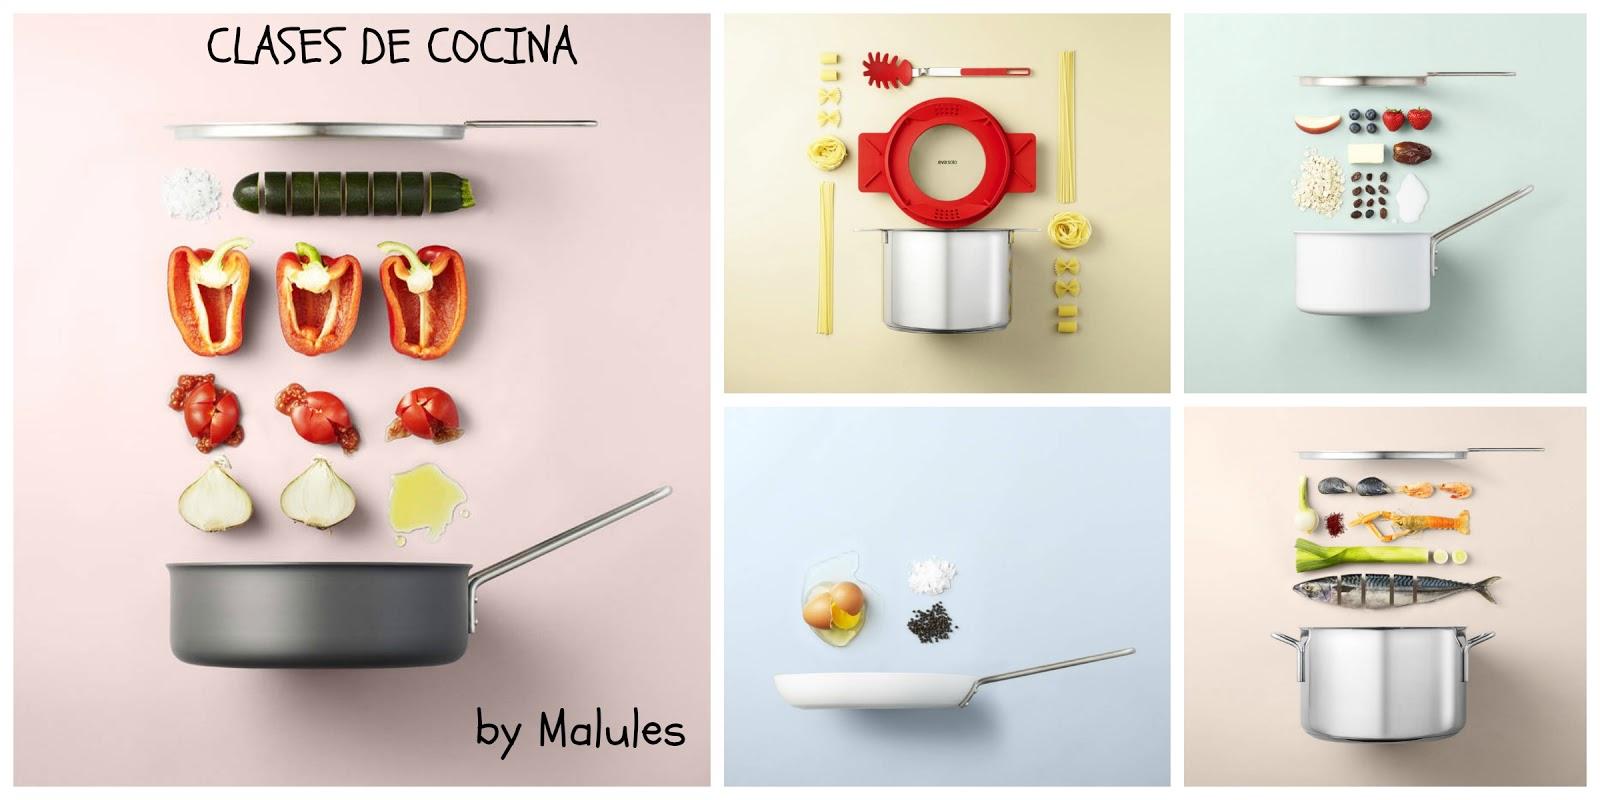 Clases de cocina 7 aritos de cebolla el blog de malules for Cursos de cocina